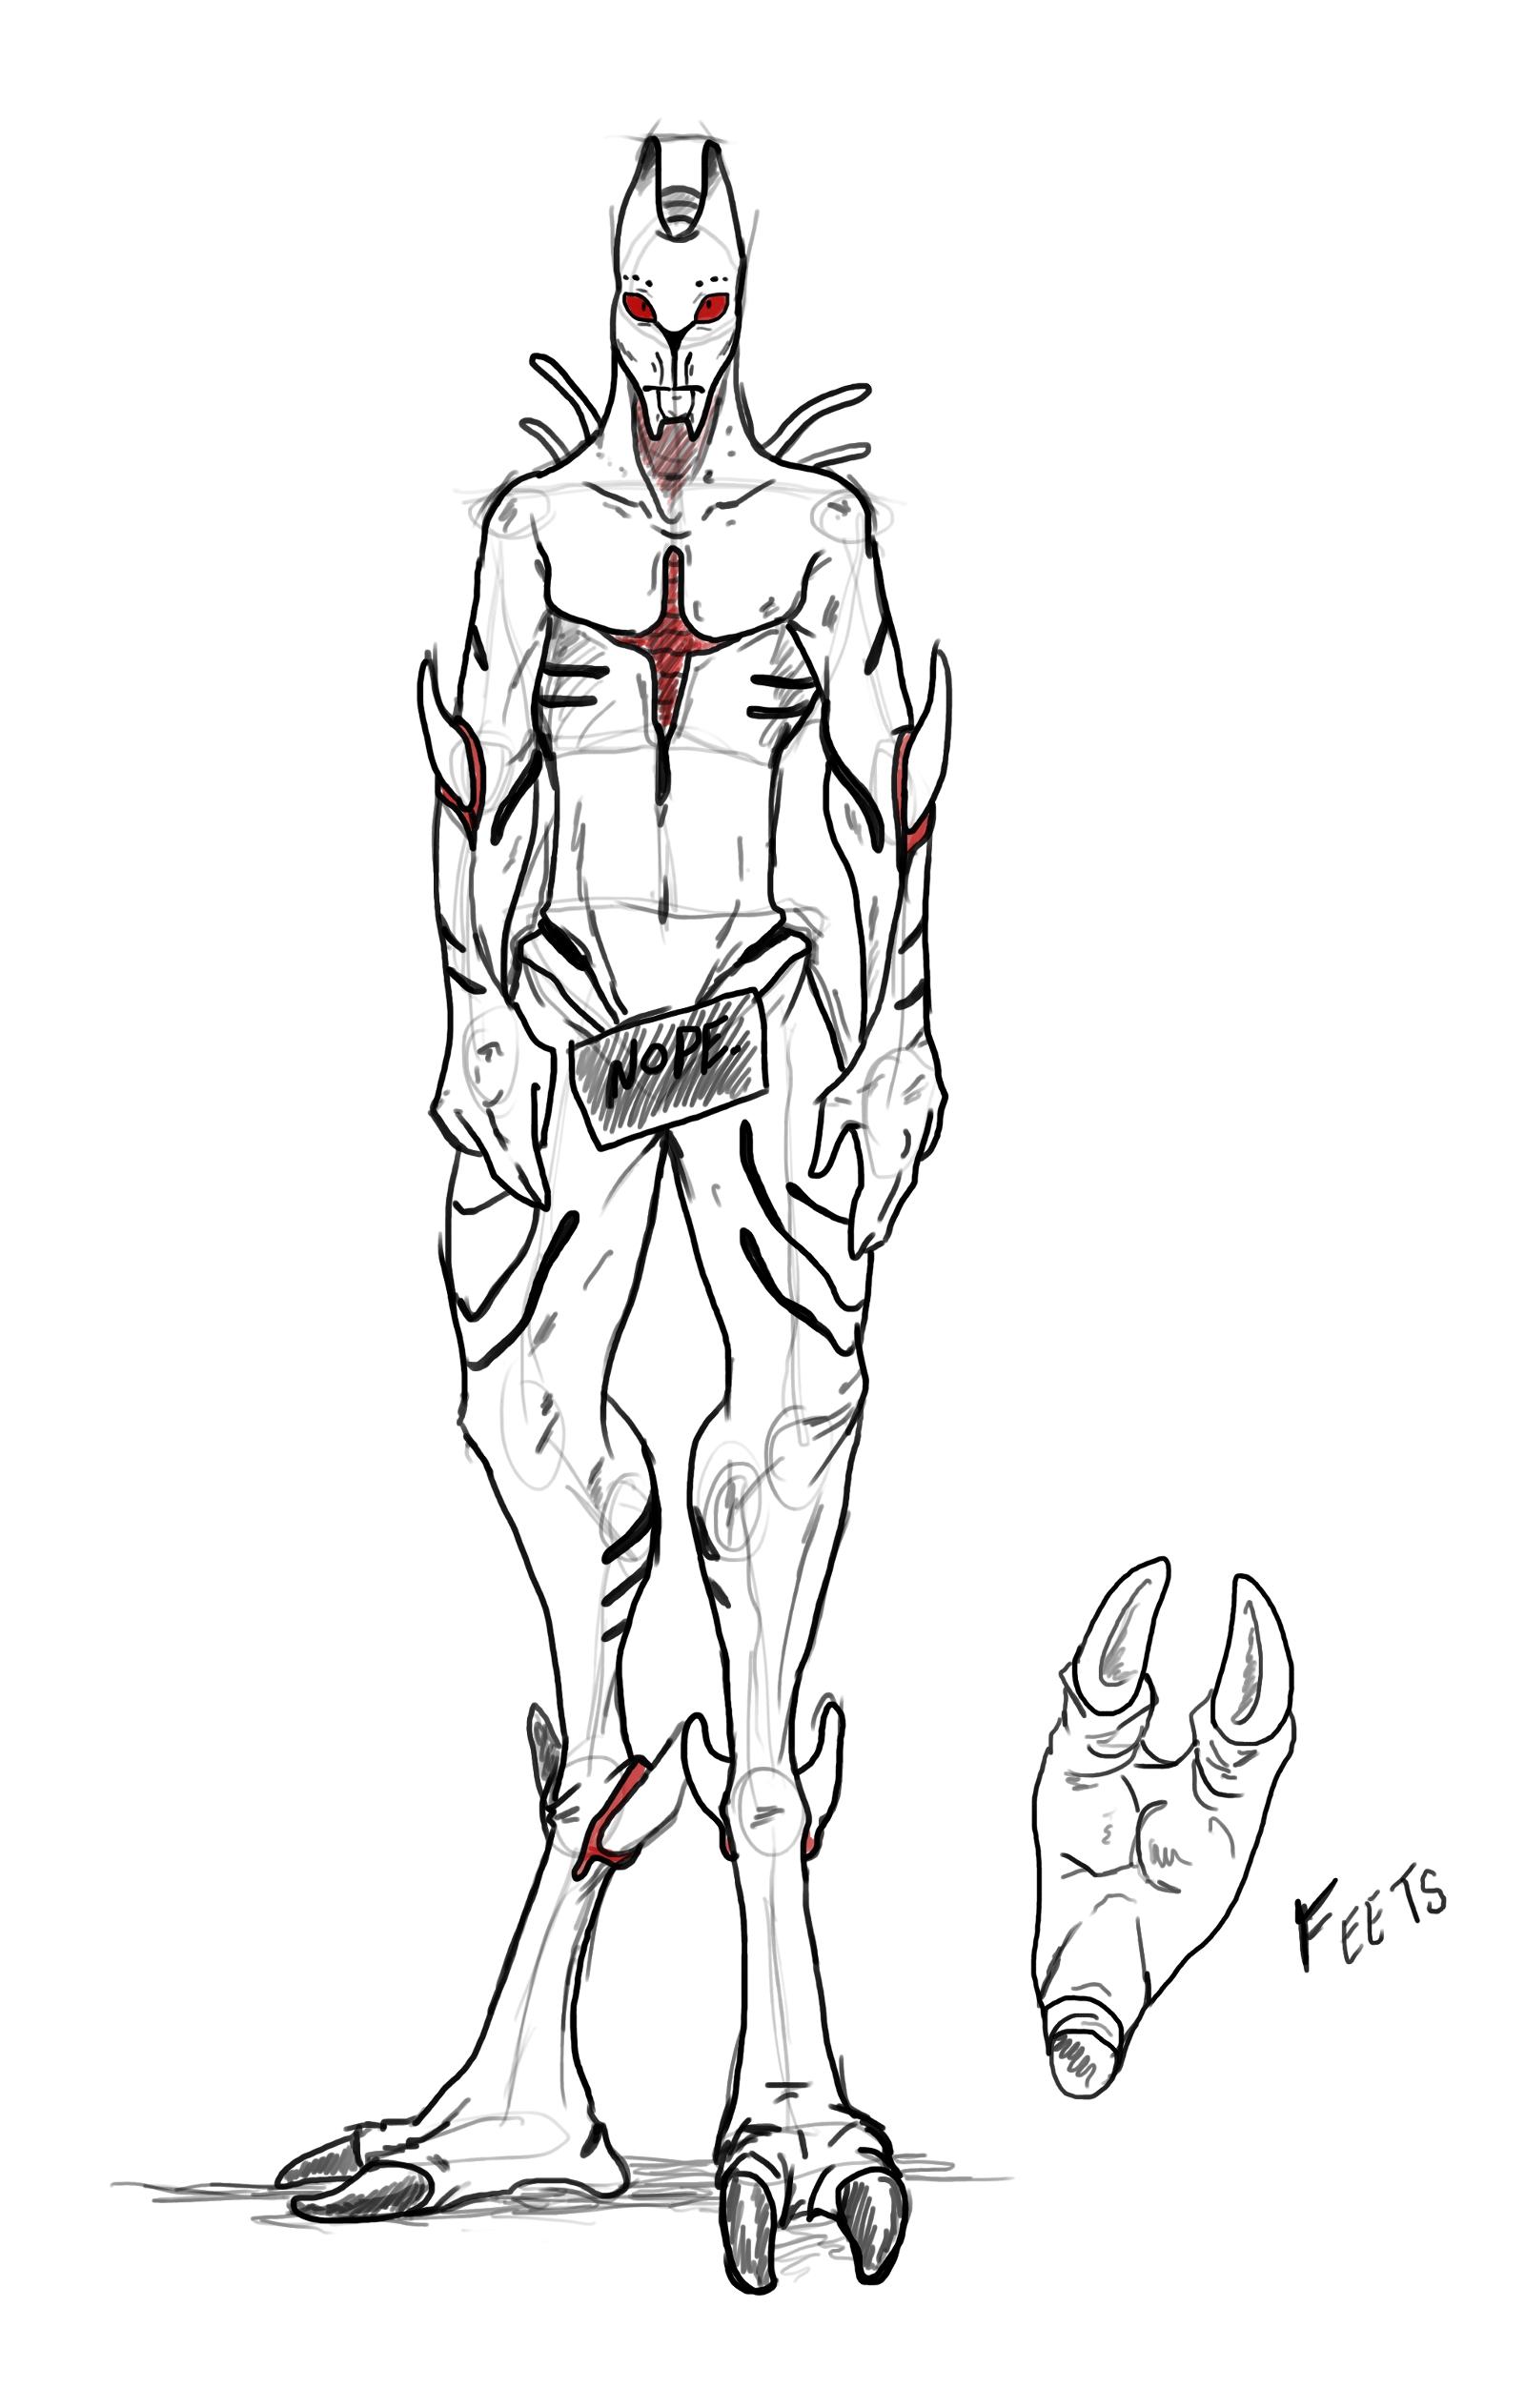 Unnamed Alien Body Sketch By Sunkaro Digital Art Drawings Paintings